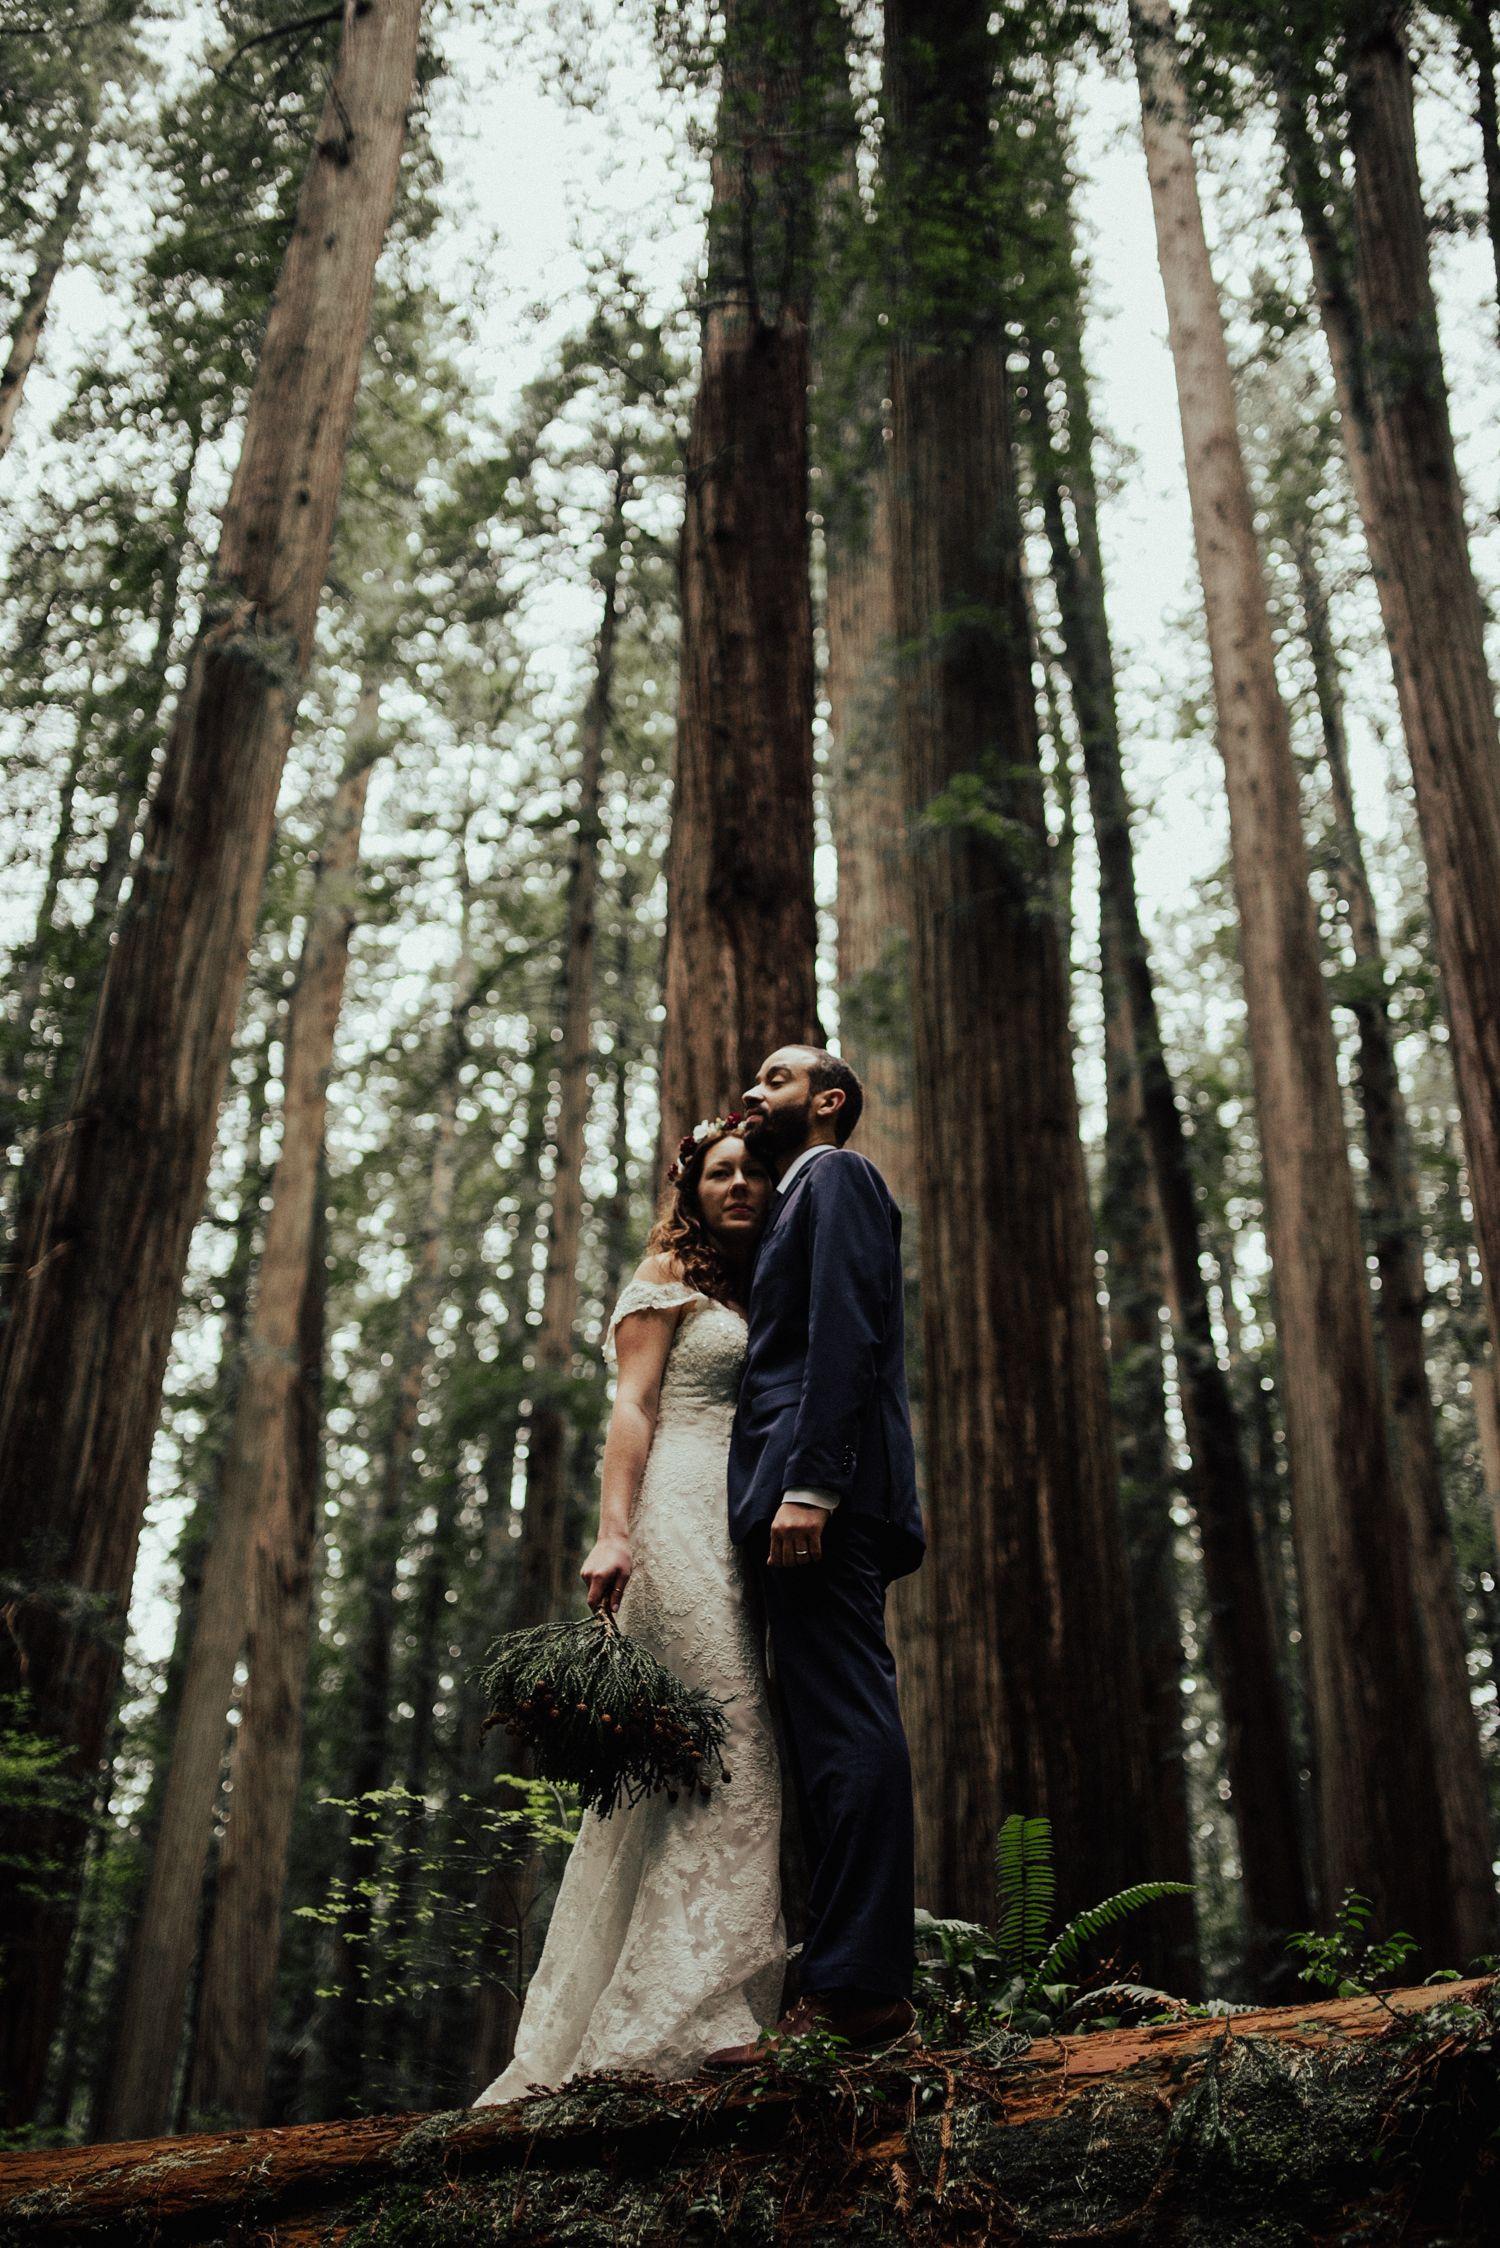 Outdoor Woods Elopement Photography Adventure Wedding Adventure Photography Elopement Photography